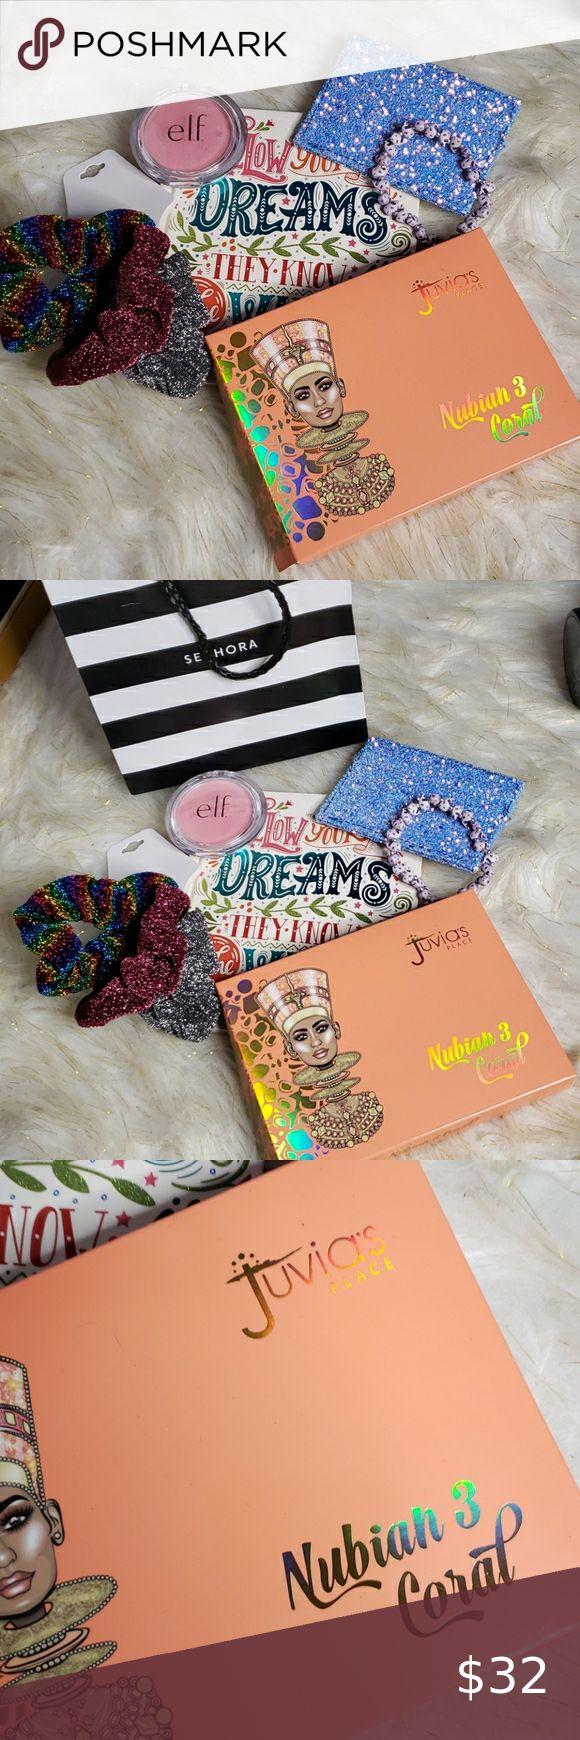 Make Up Bundle in 2020 Sephora bag, Blush pink, Things